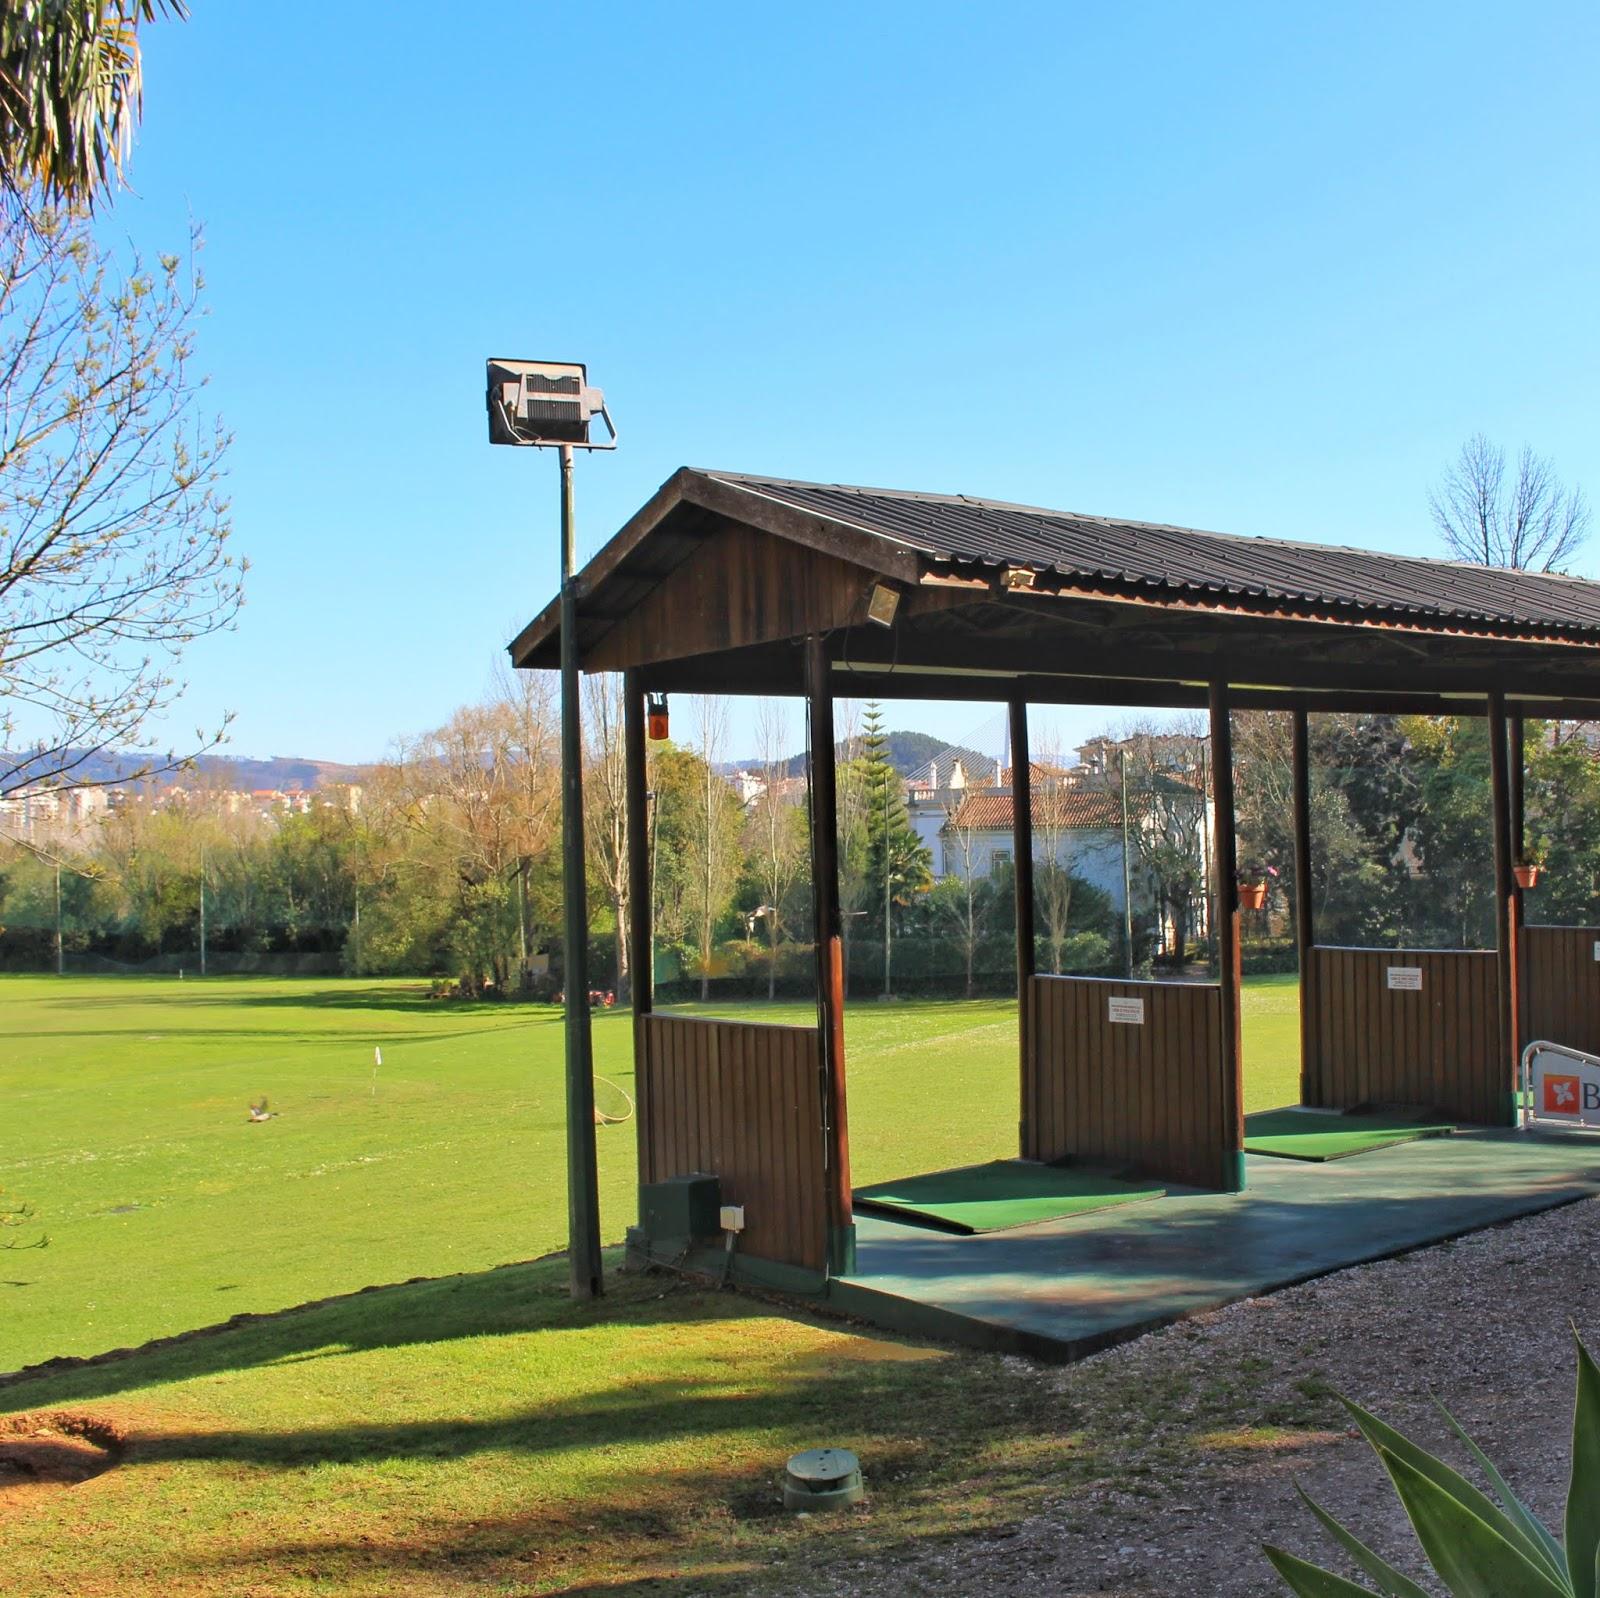 Campo de Golfe, Quinta das Lágrimas